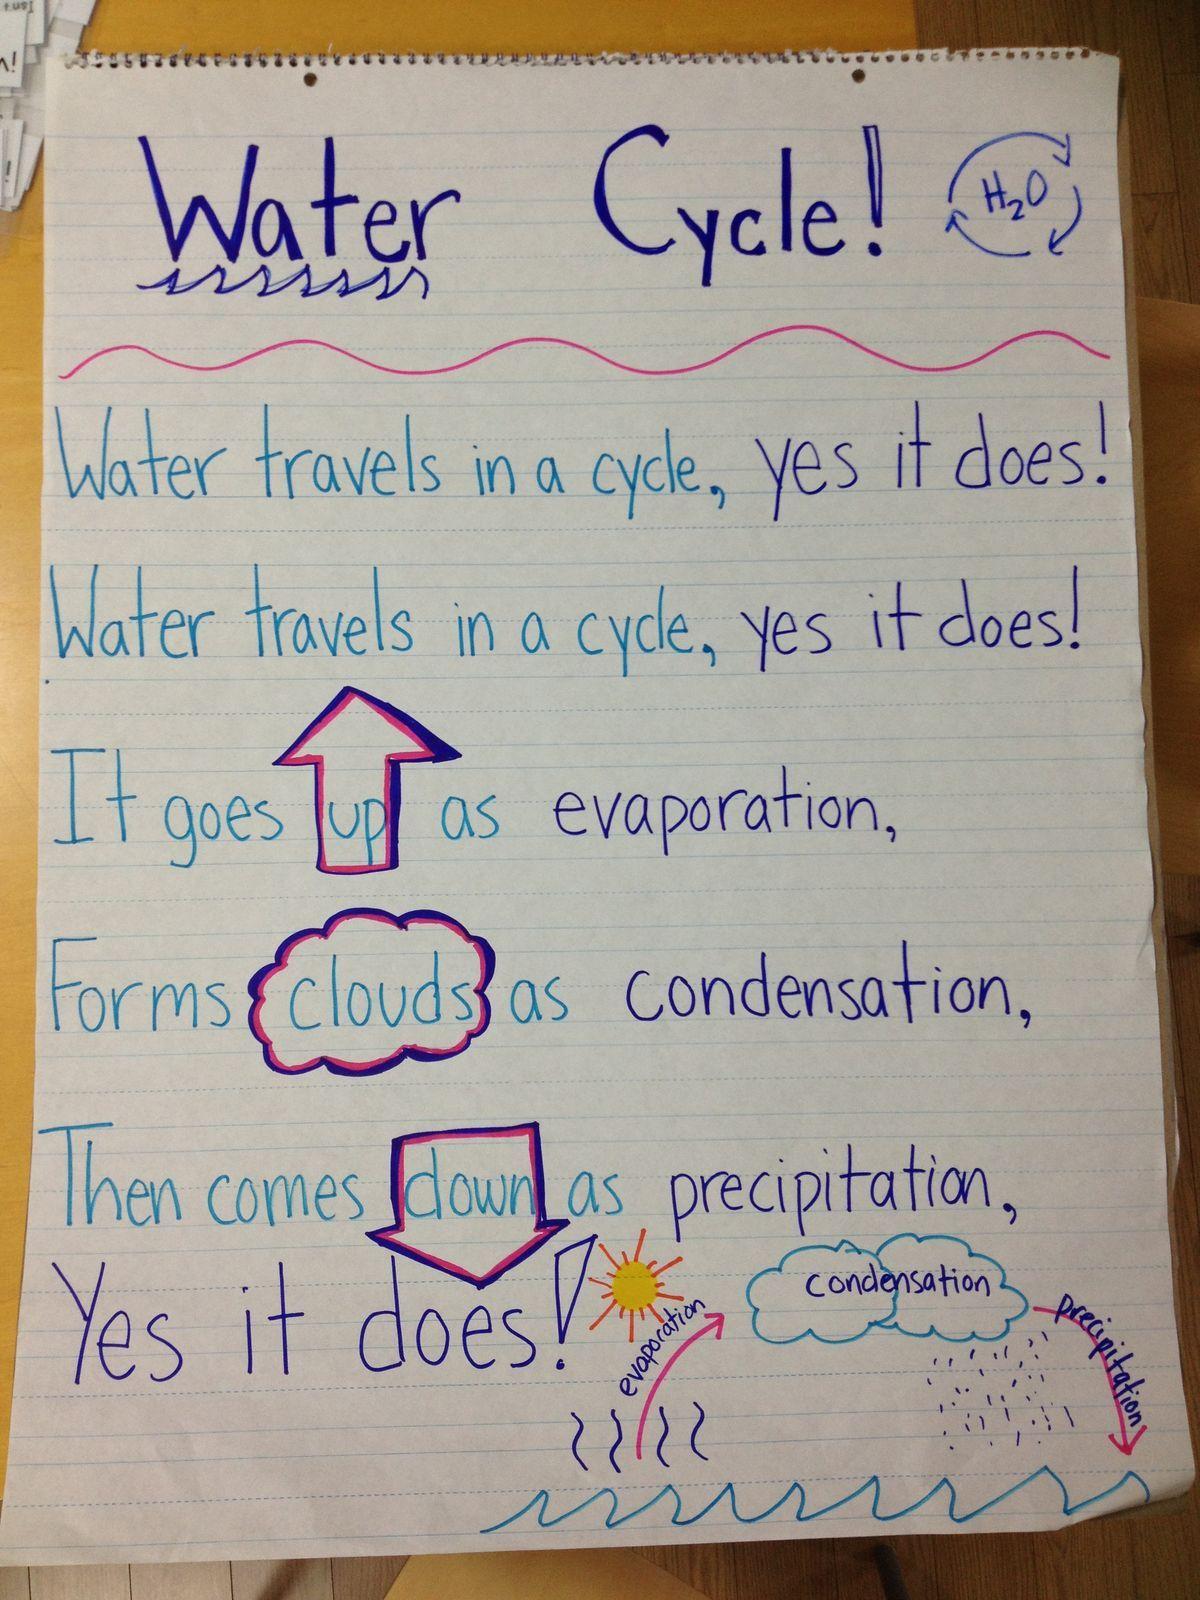 B576a73d4a6d40425e7dbf69b14bcdcd Jpg 1 200 1 600 Pixels Water Cycle 5th Grade Science First Grade Science